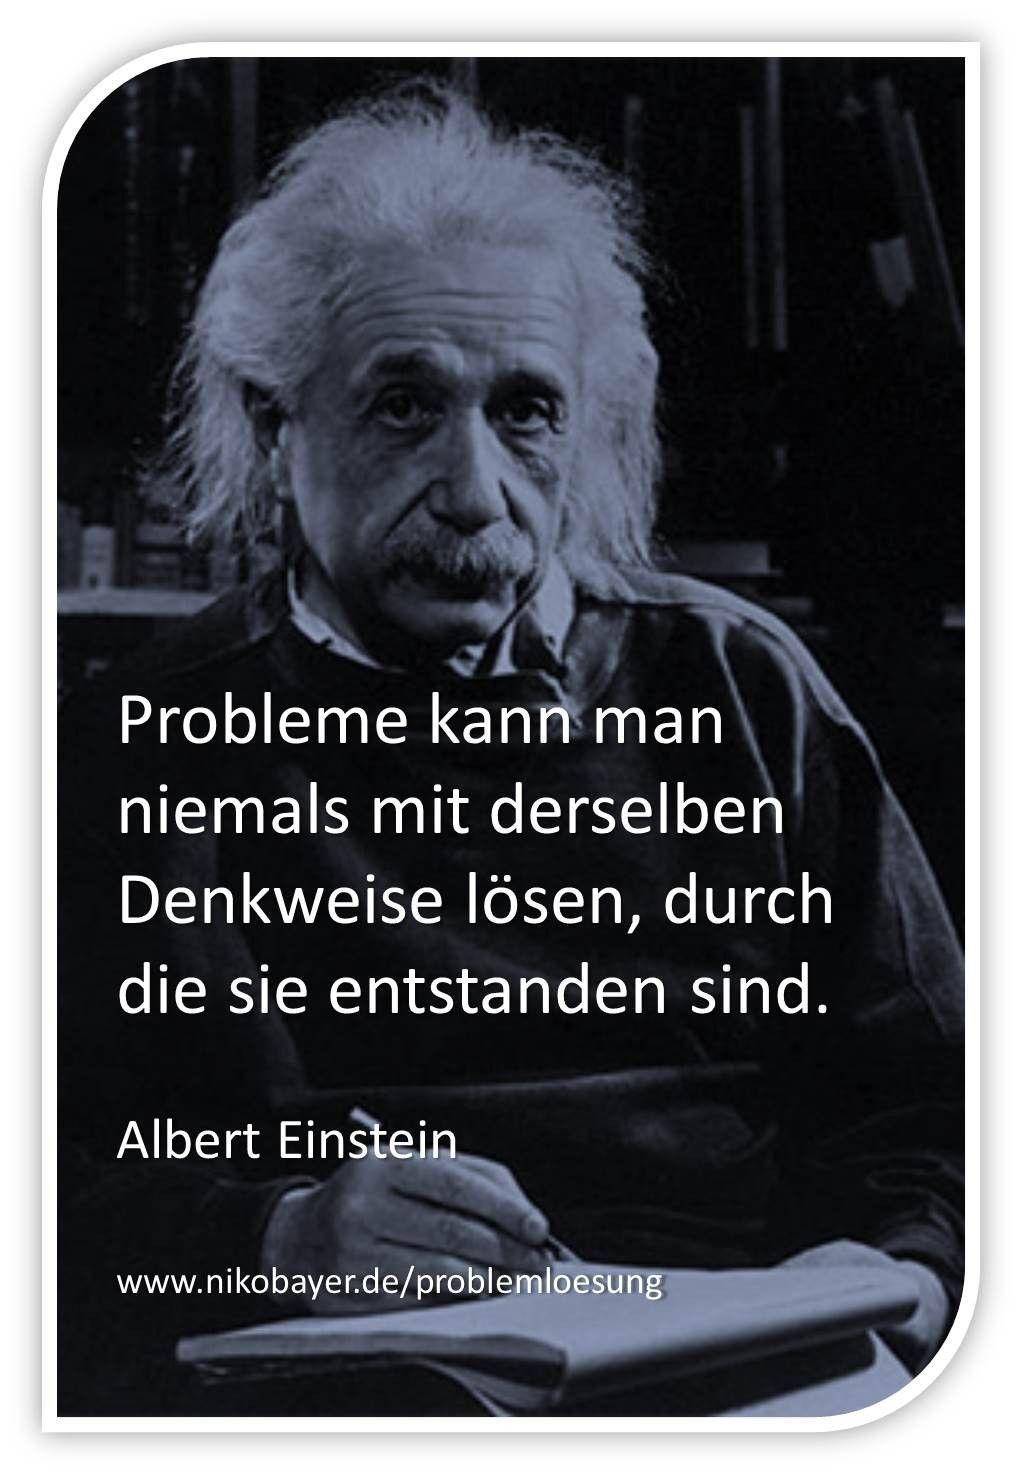 Probleme Kann Man Niemals Mit Derselben Denkweise Losen Durch Die Sie Entstanden Sind Zitat Von Albert Ei Zitate Von Albert Einstein Zitate Weisheiten Zitate